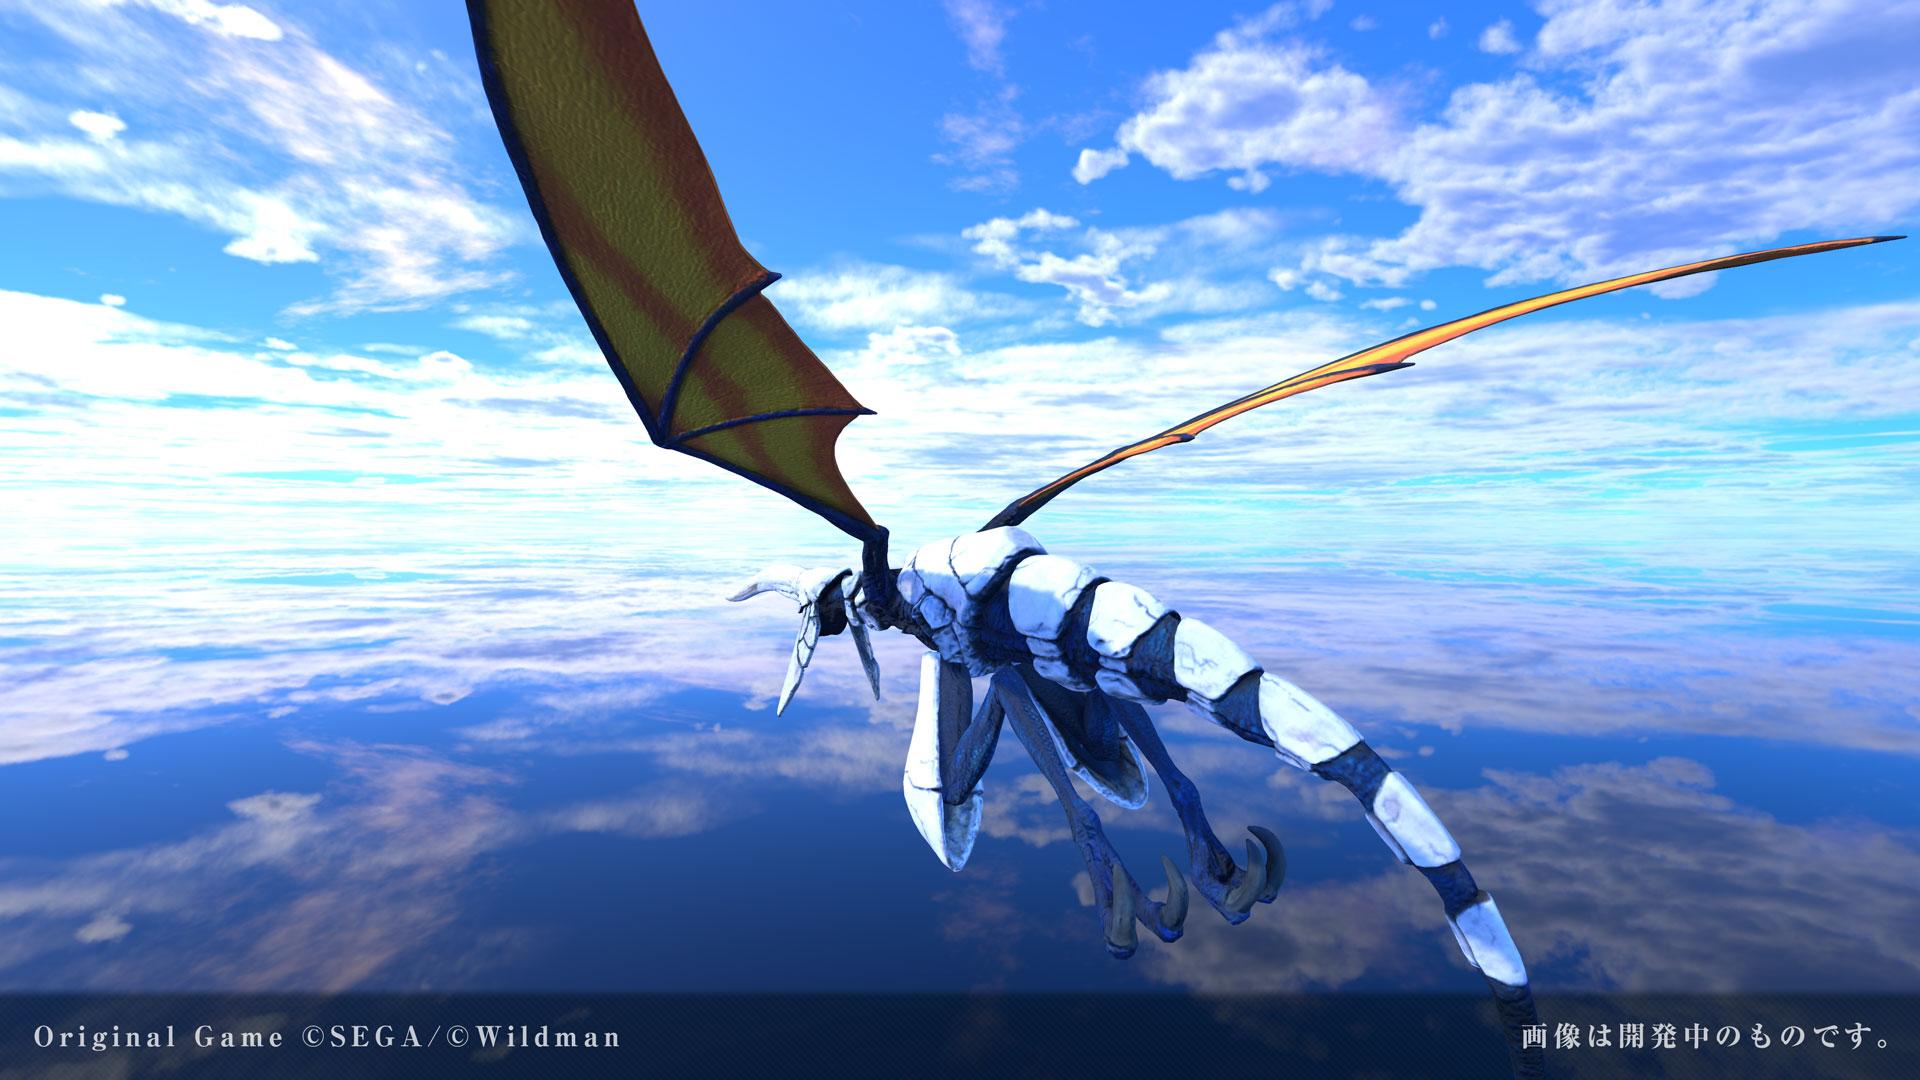 www.4gamer.net